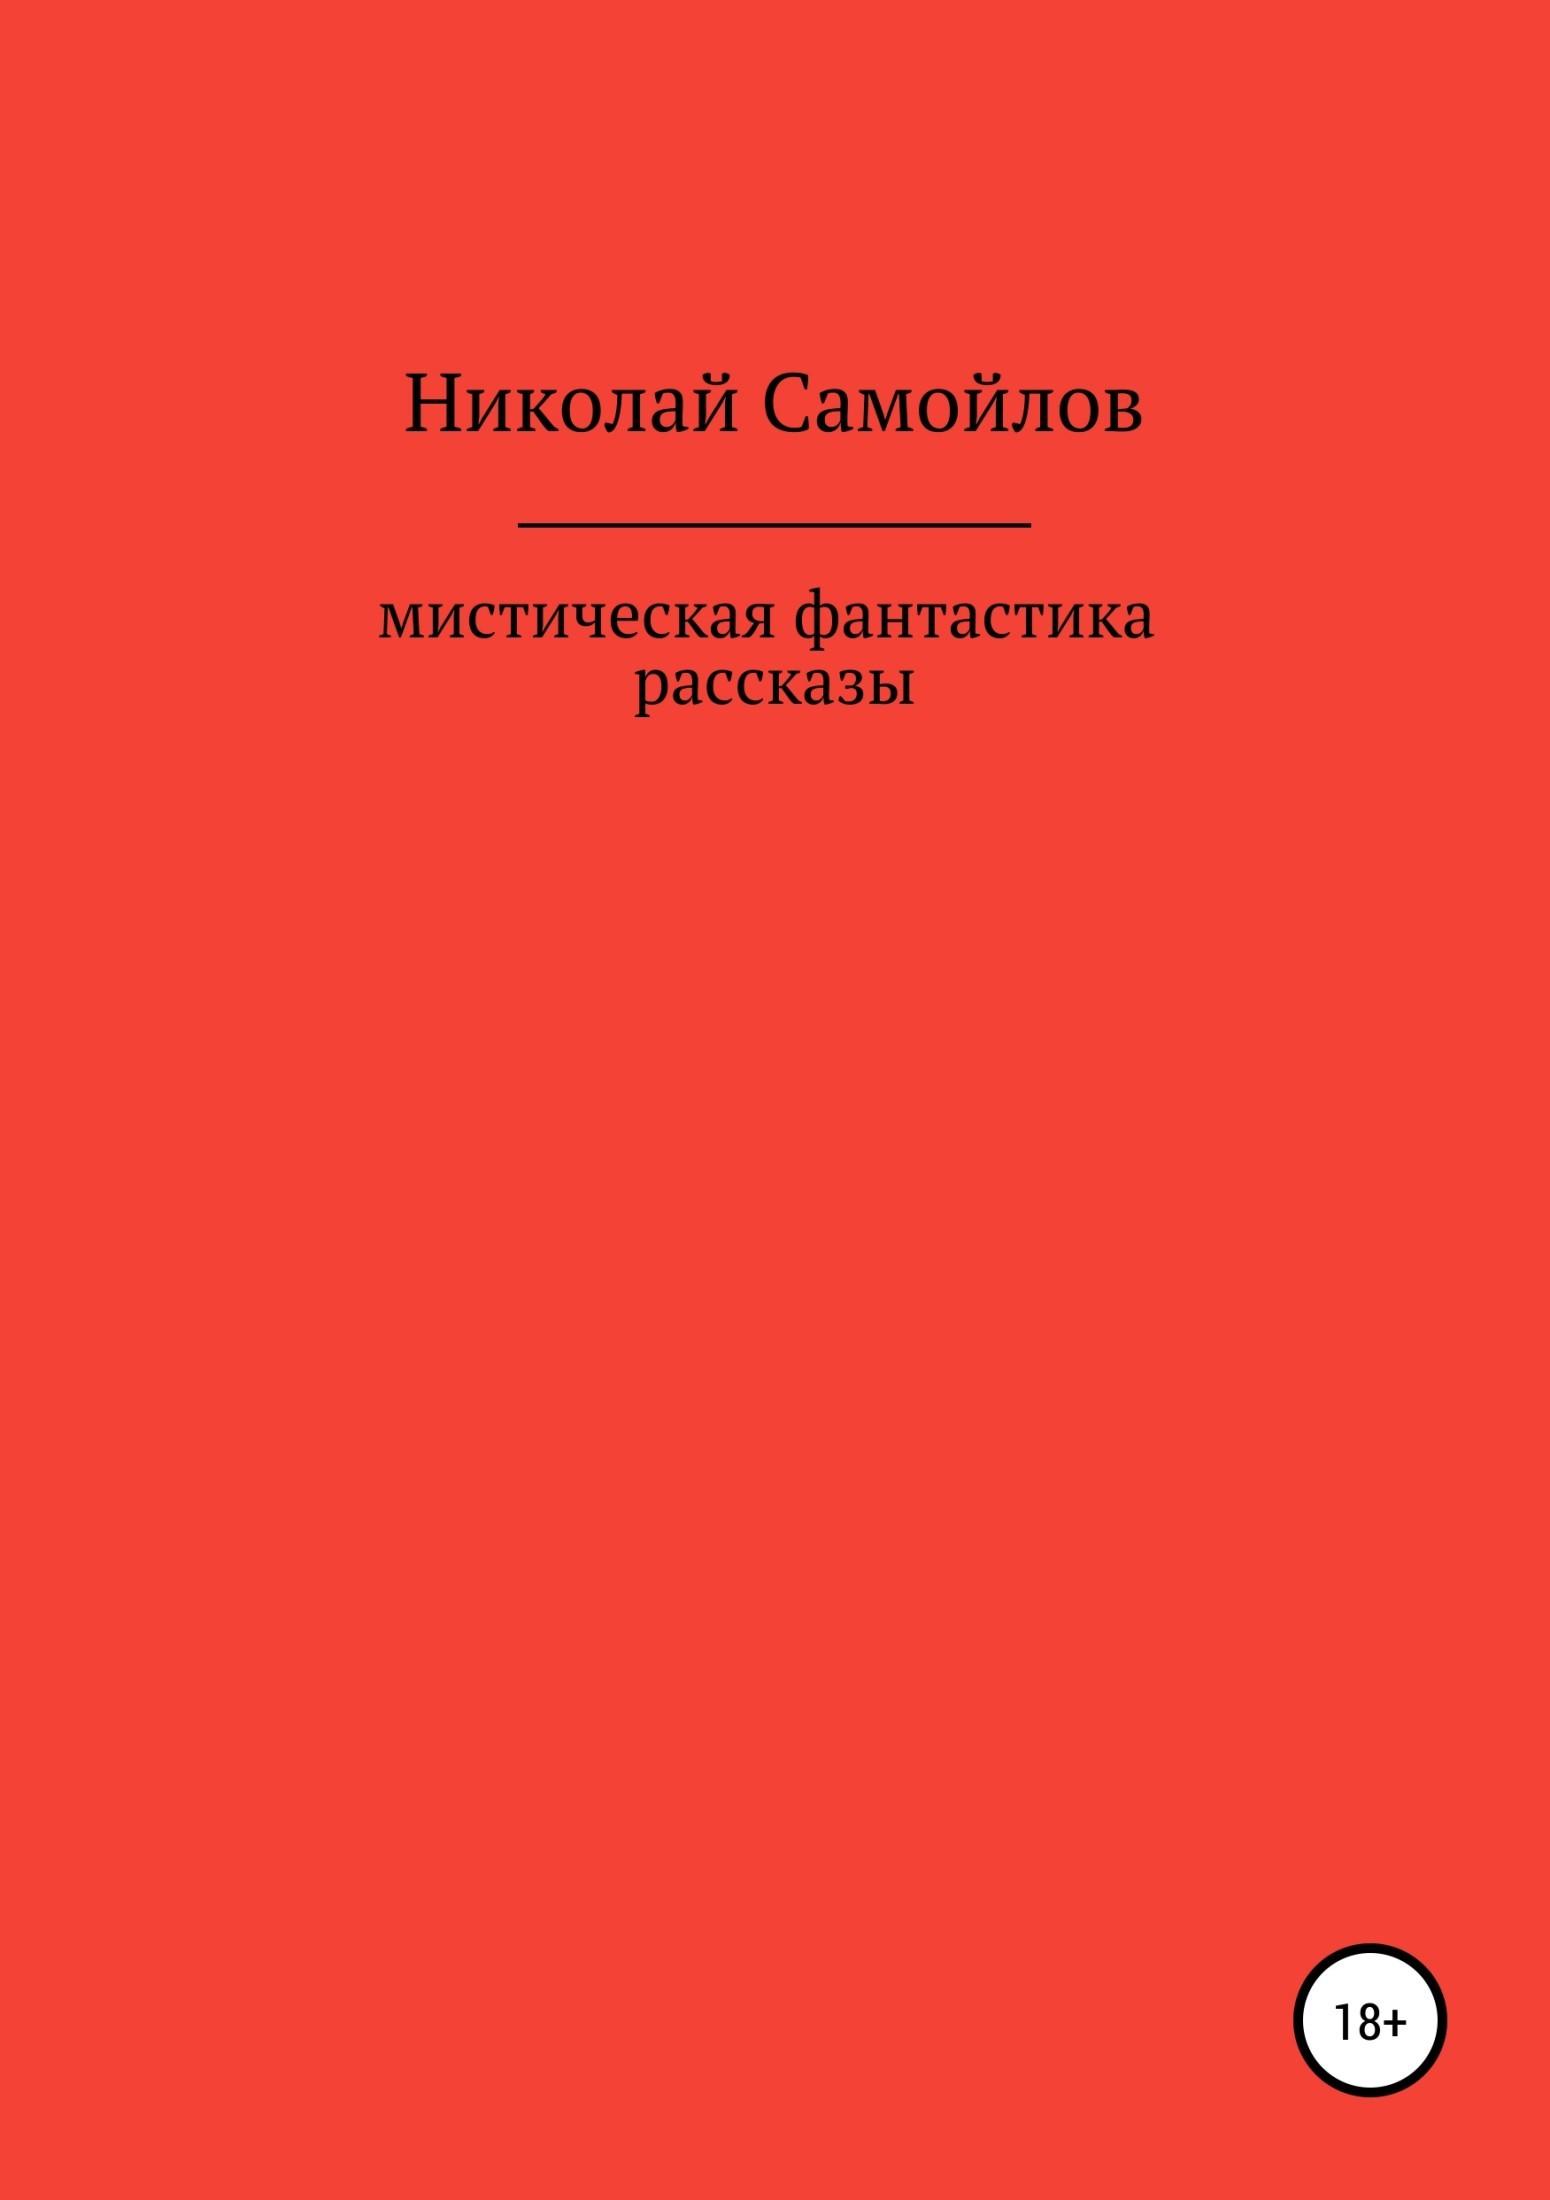 Николай Николаевич Самойлов Мистическая фантастика. Рассказы цена и фото